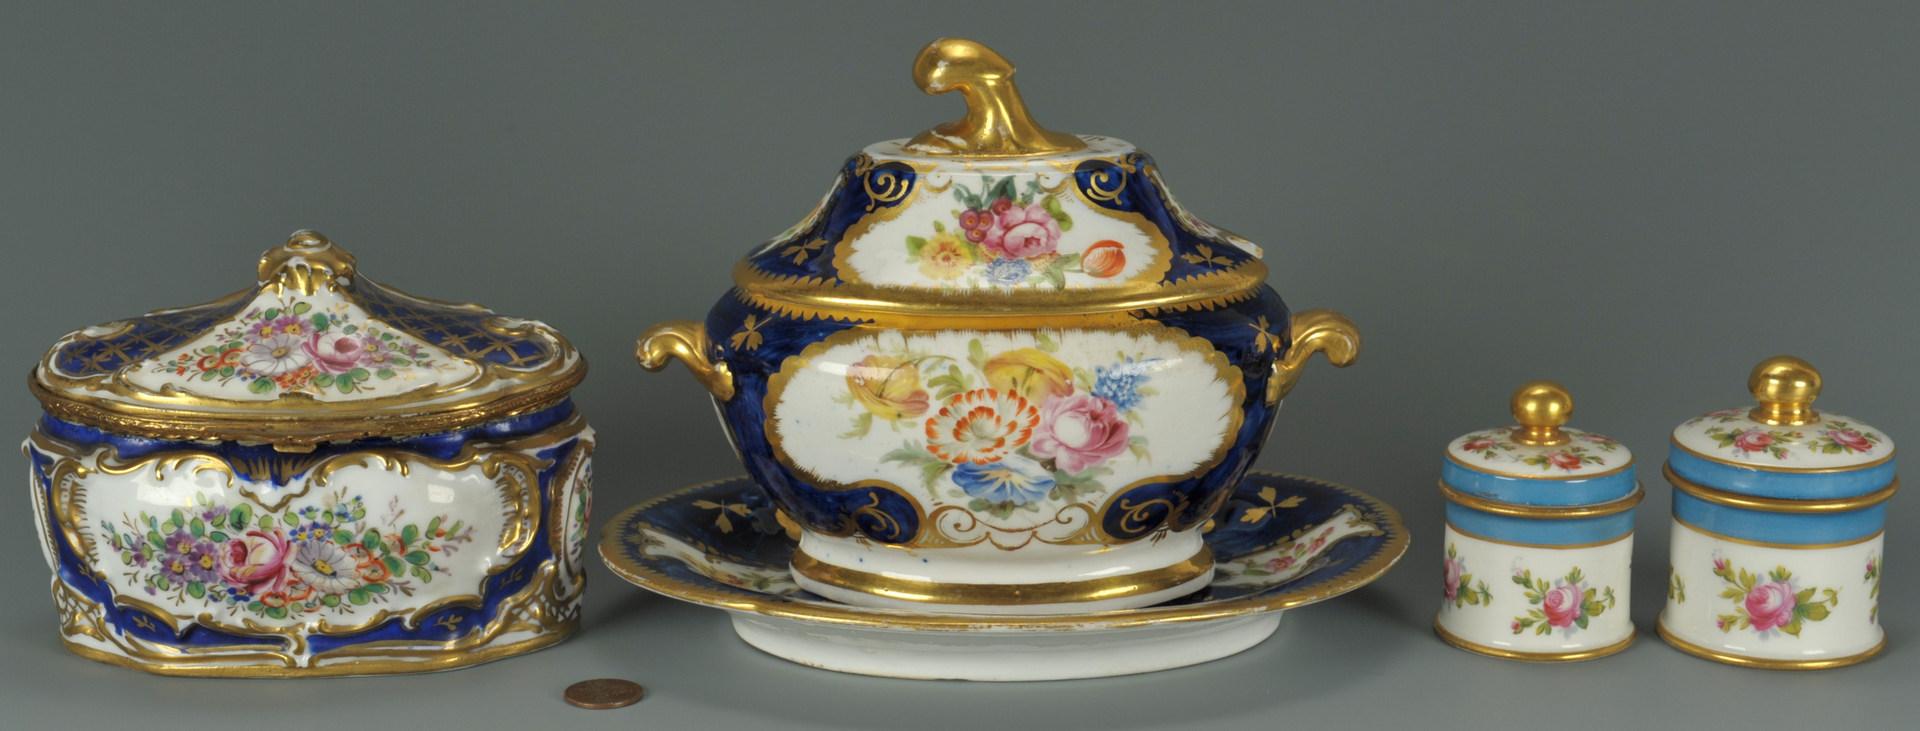 Lot 249: Four pieces Sevres style porcelain